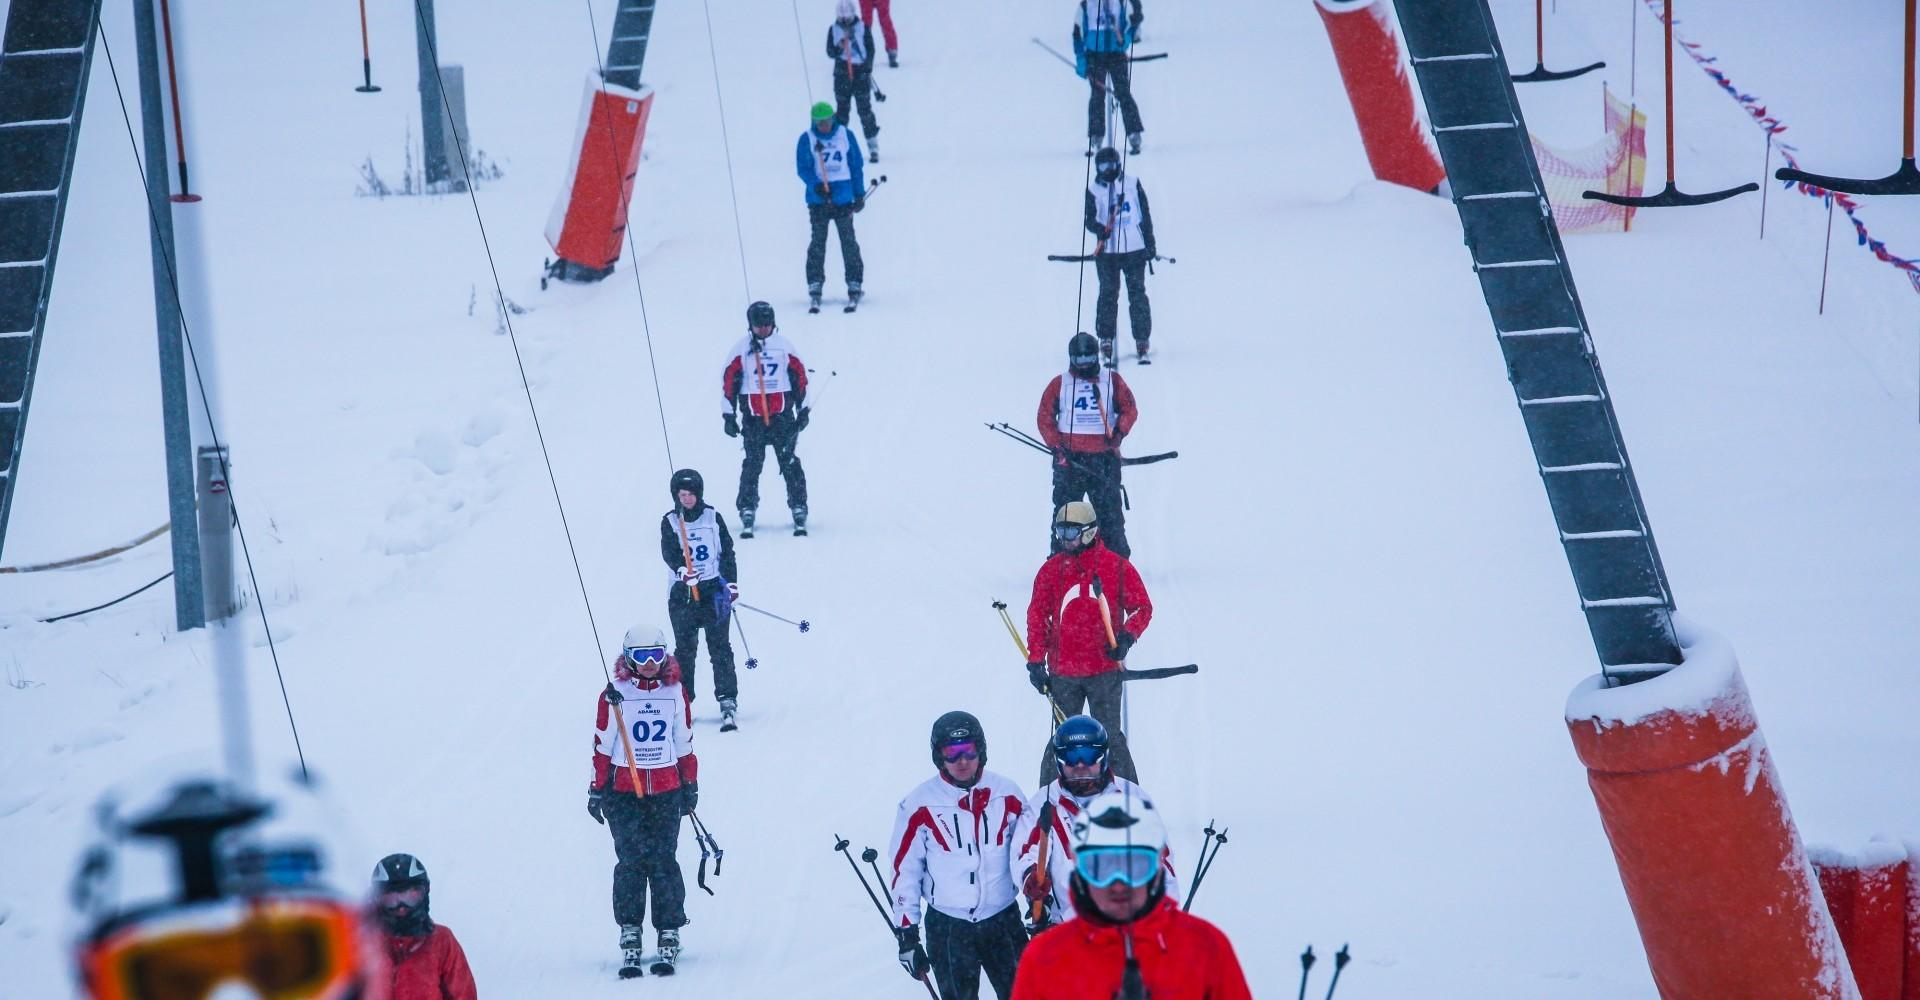 wyciąg narciarski, kolejka, Adamed